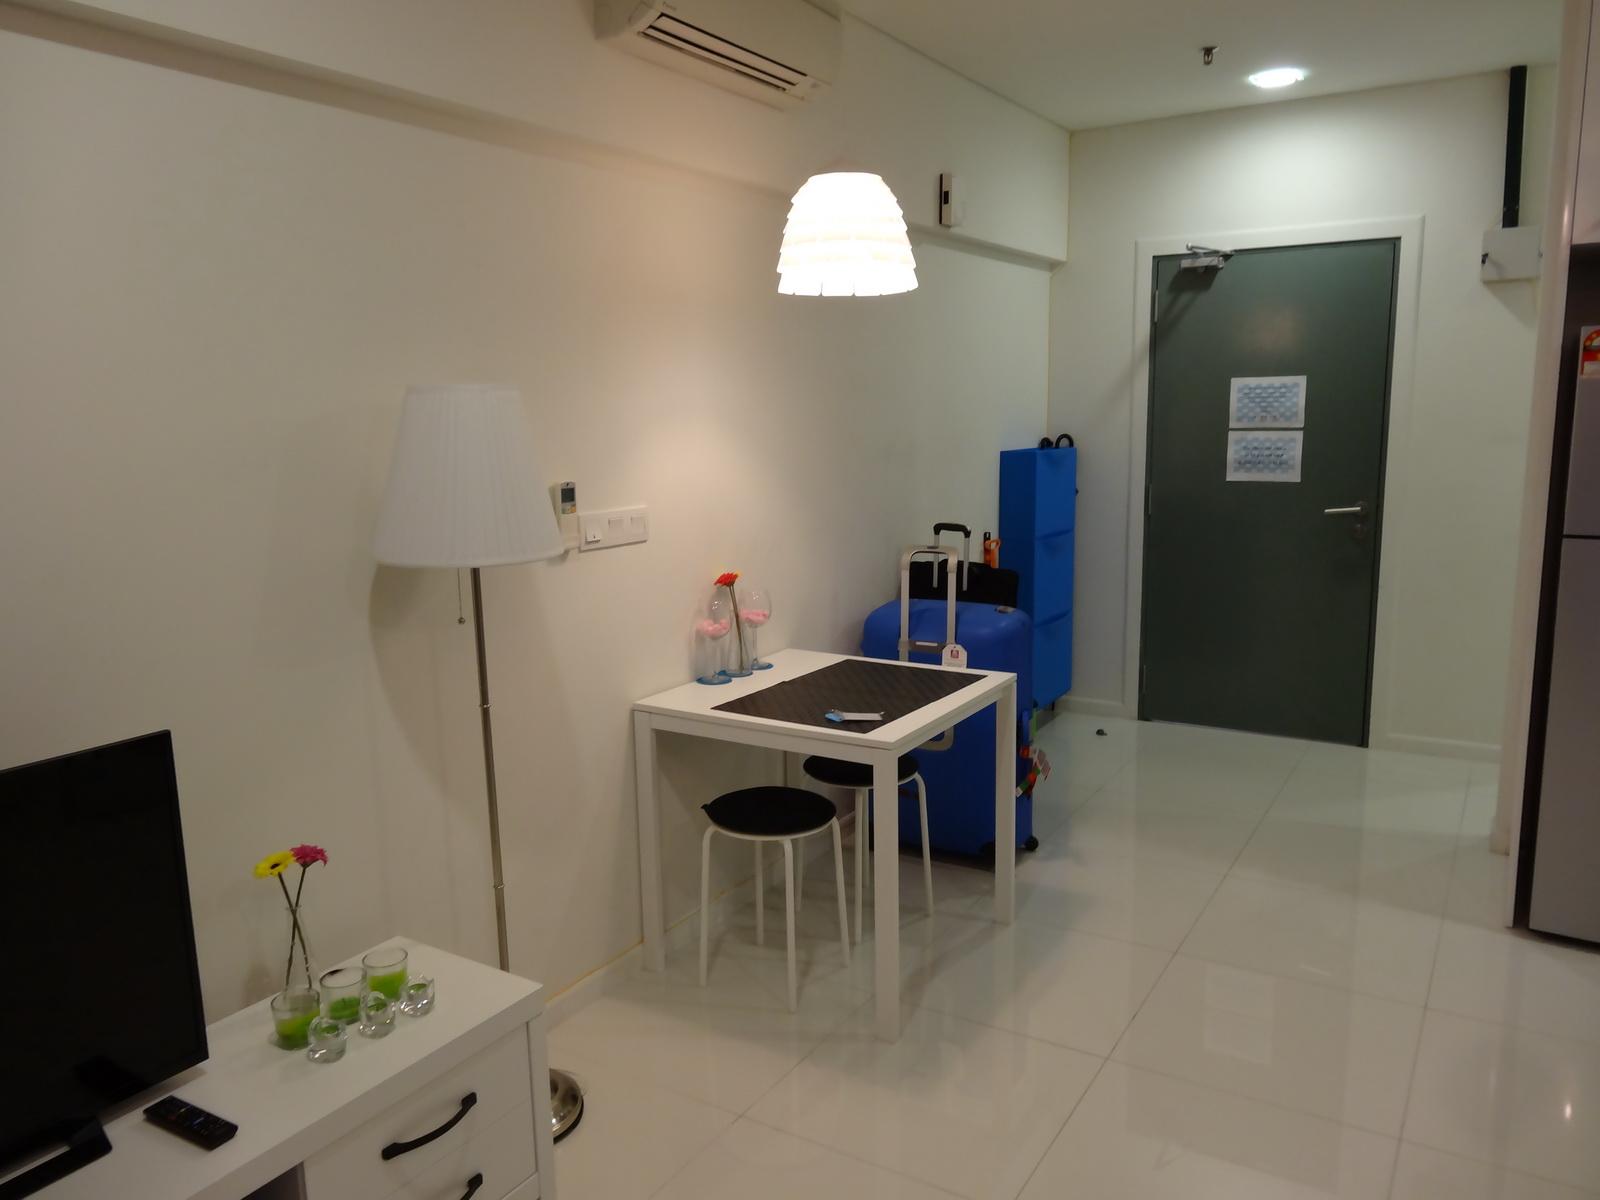 03 KL Apartment 06